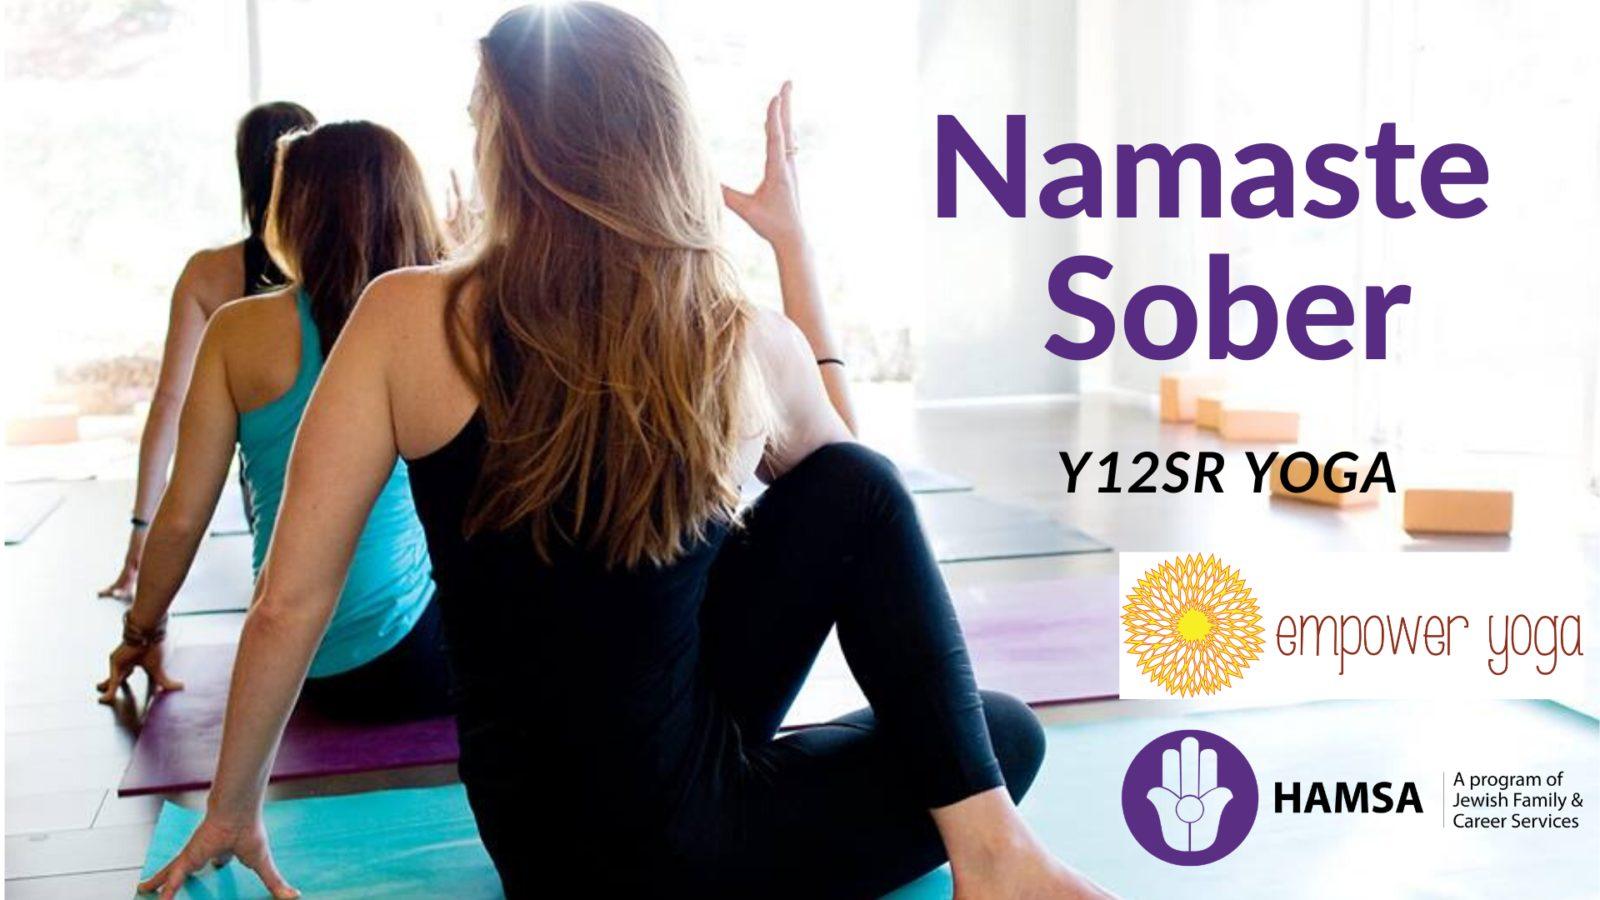 Namaste Sober - 12 Step Yoga